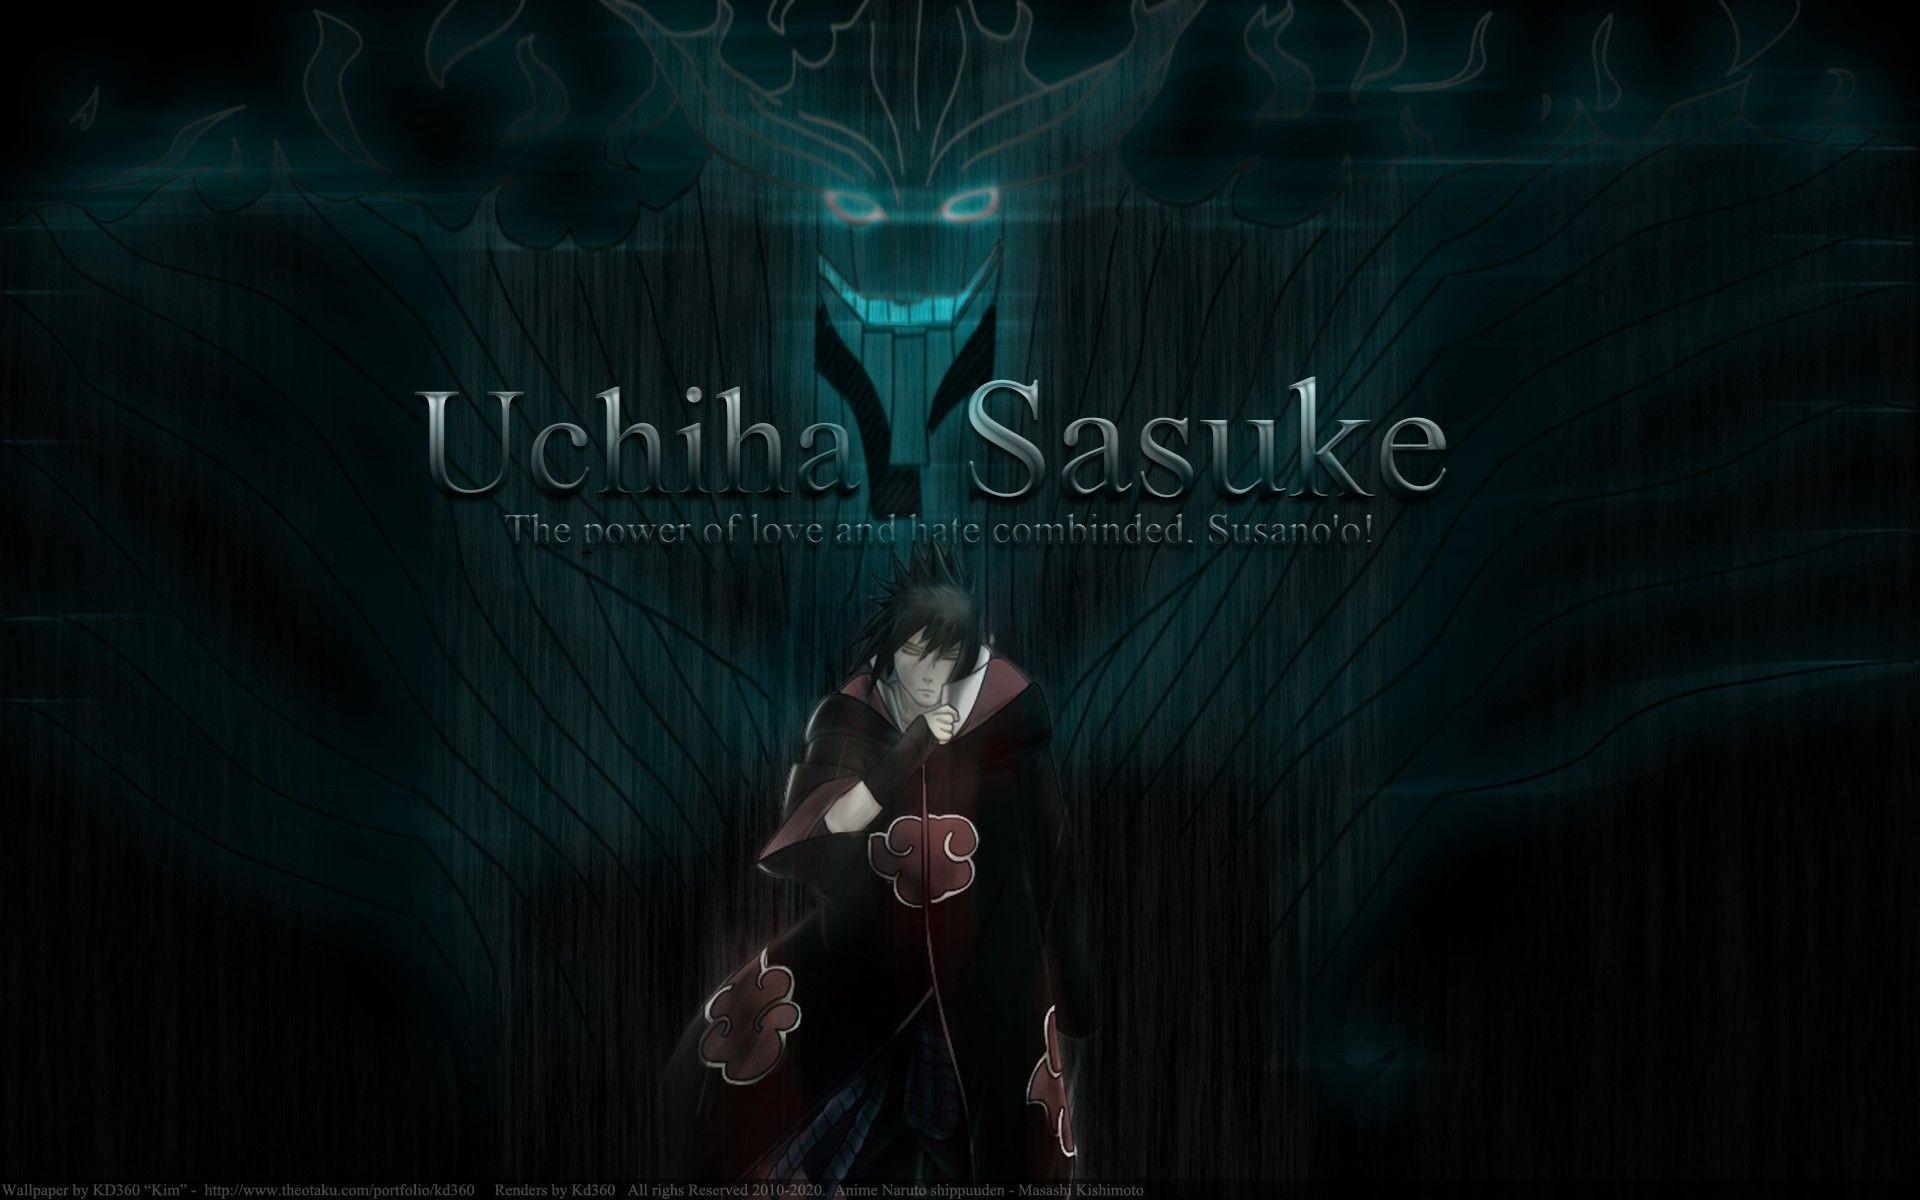 Sasuke Uchiha Wallpaper HD